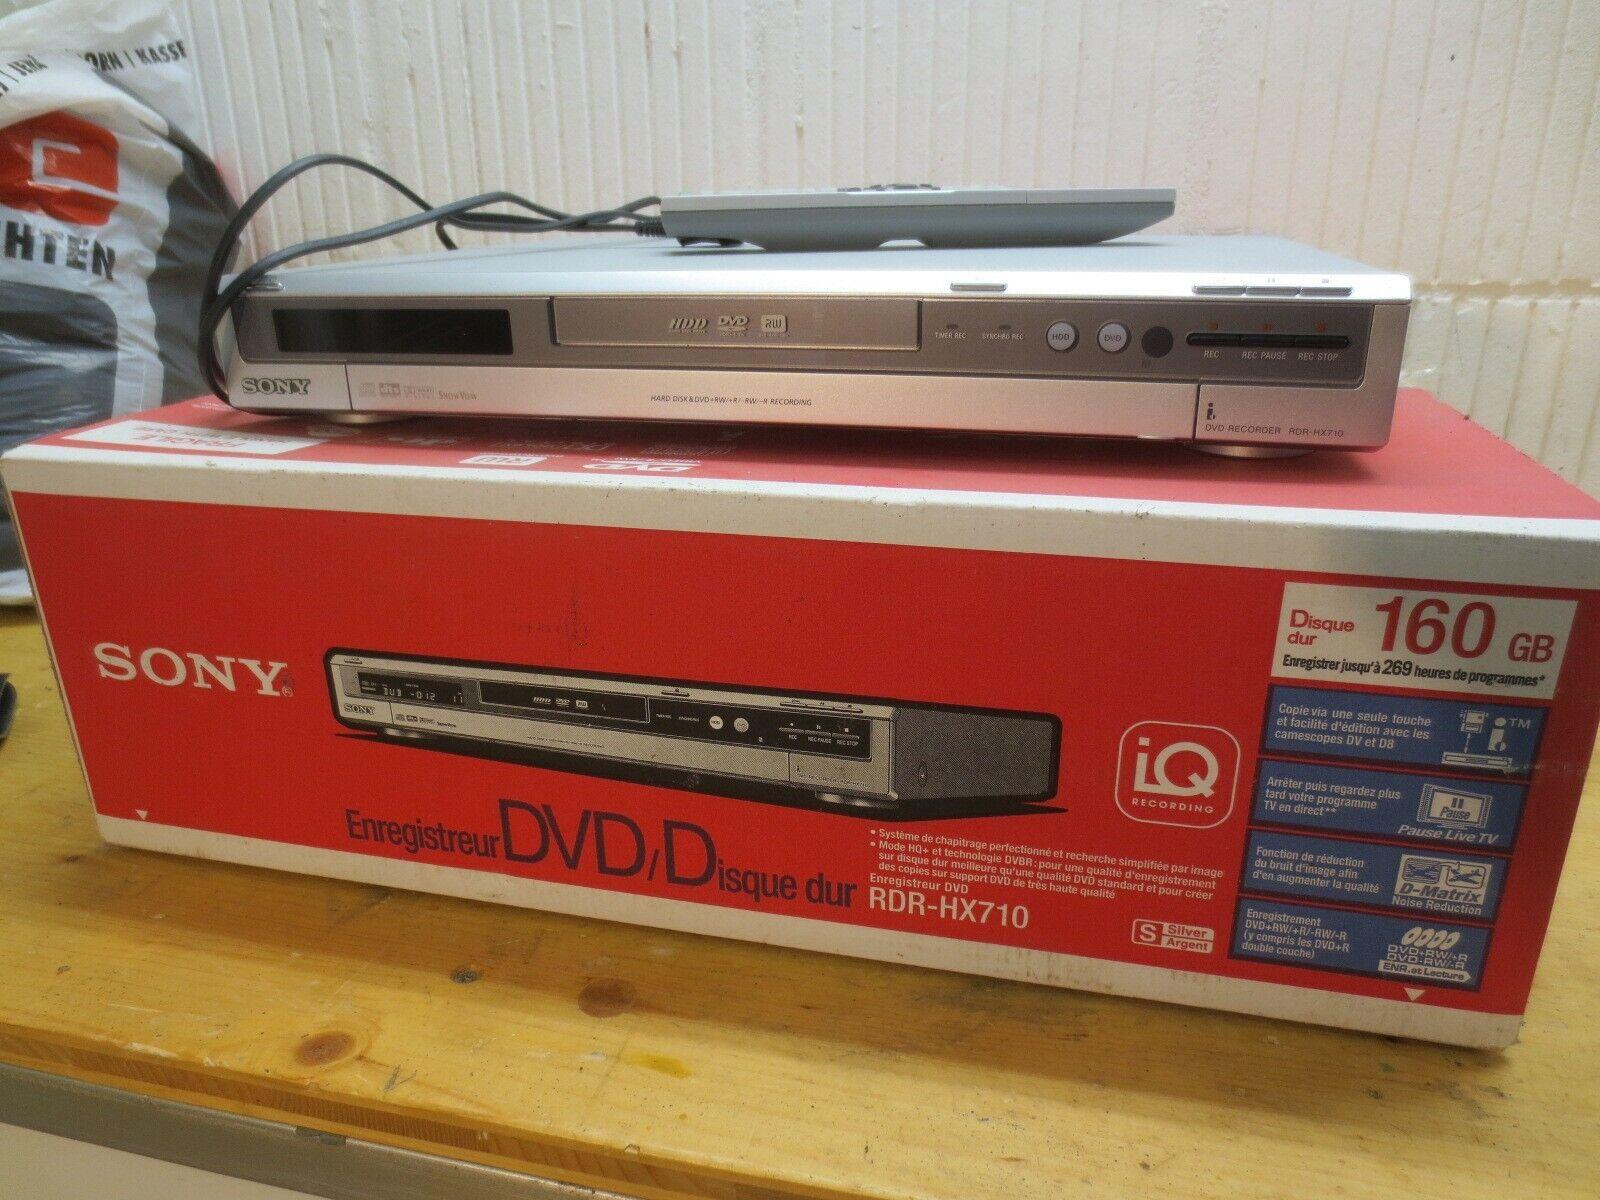 Sony RDR-HX710 DVD und Festplatten-Rekorder 160 GB  + Fernbedienung + Anleitung